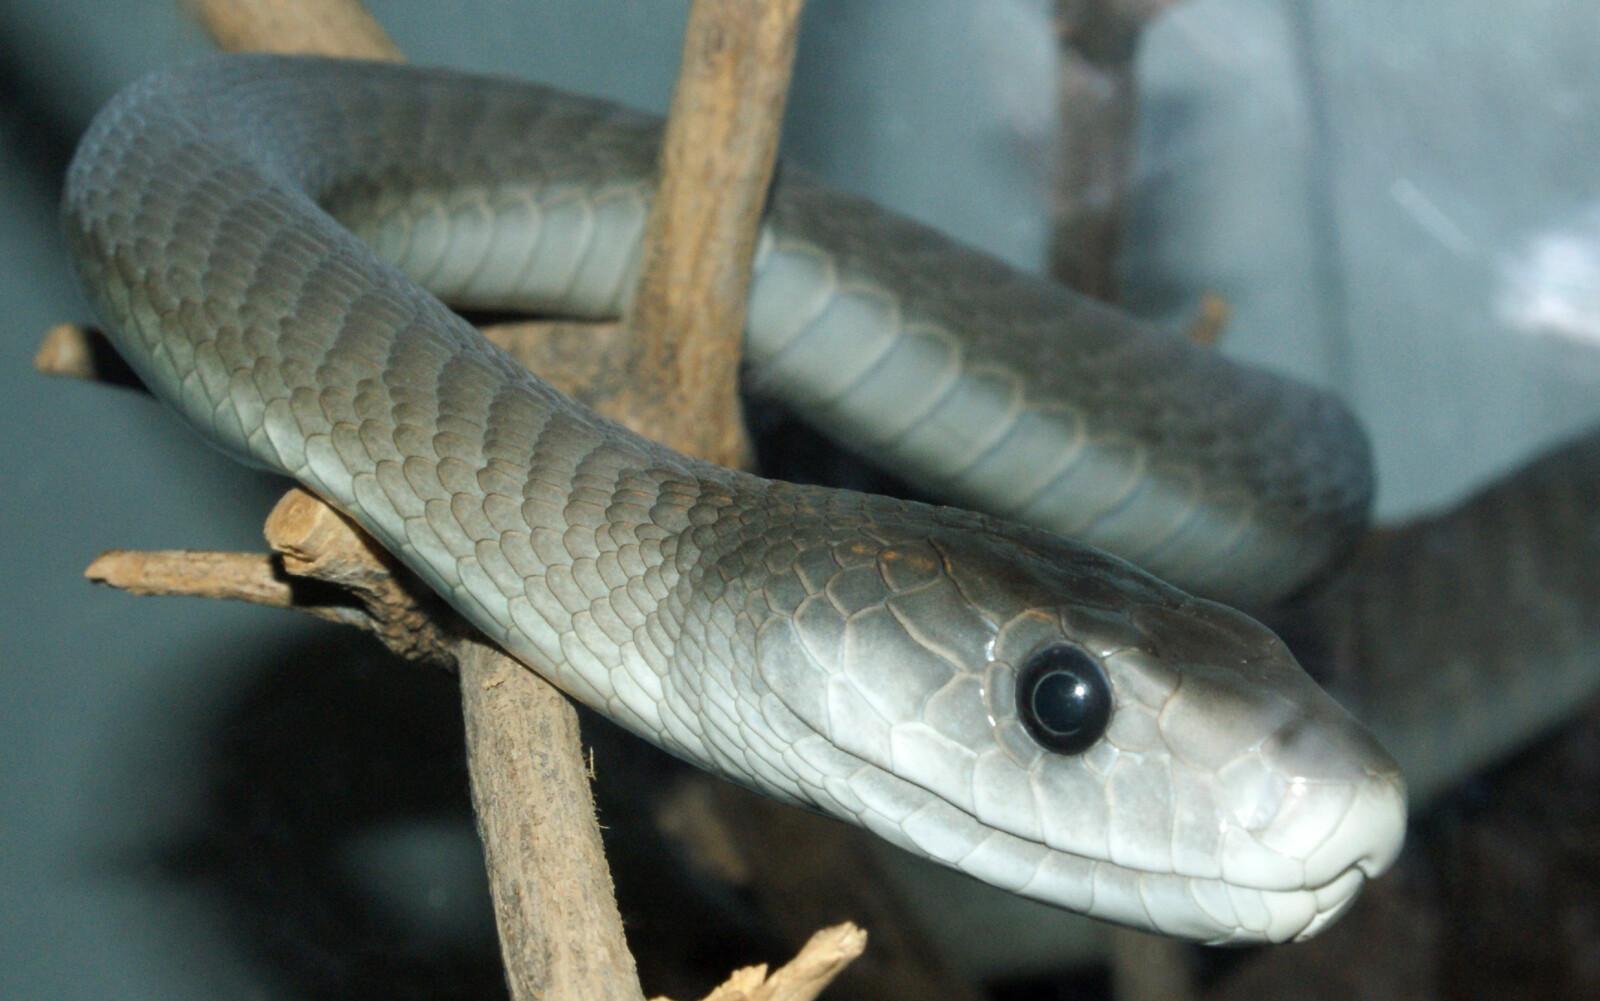 <b><SPAN CLASS=BOLD><STRONG>RASK OG GIFTIG:</b></strong></span> Svart mamba er blant klodens giftigste slanger. Den er også den raskeste. En potensielt dødelig kombinasjon.